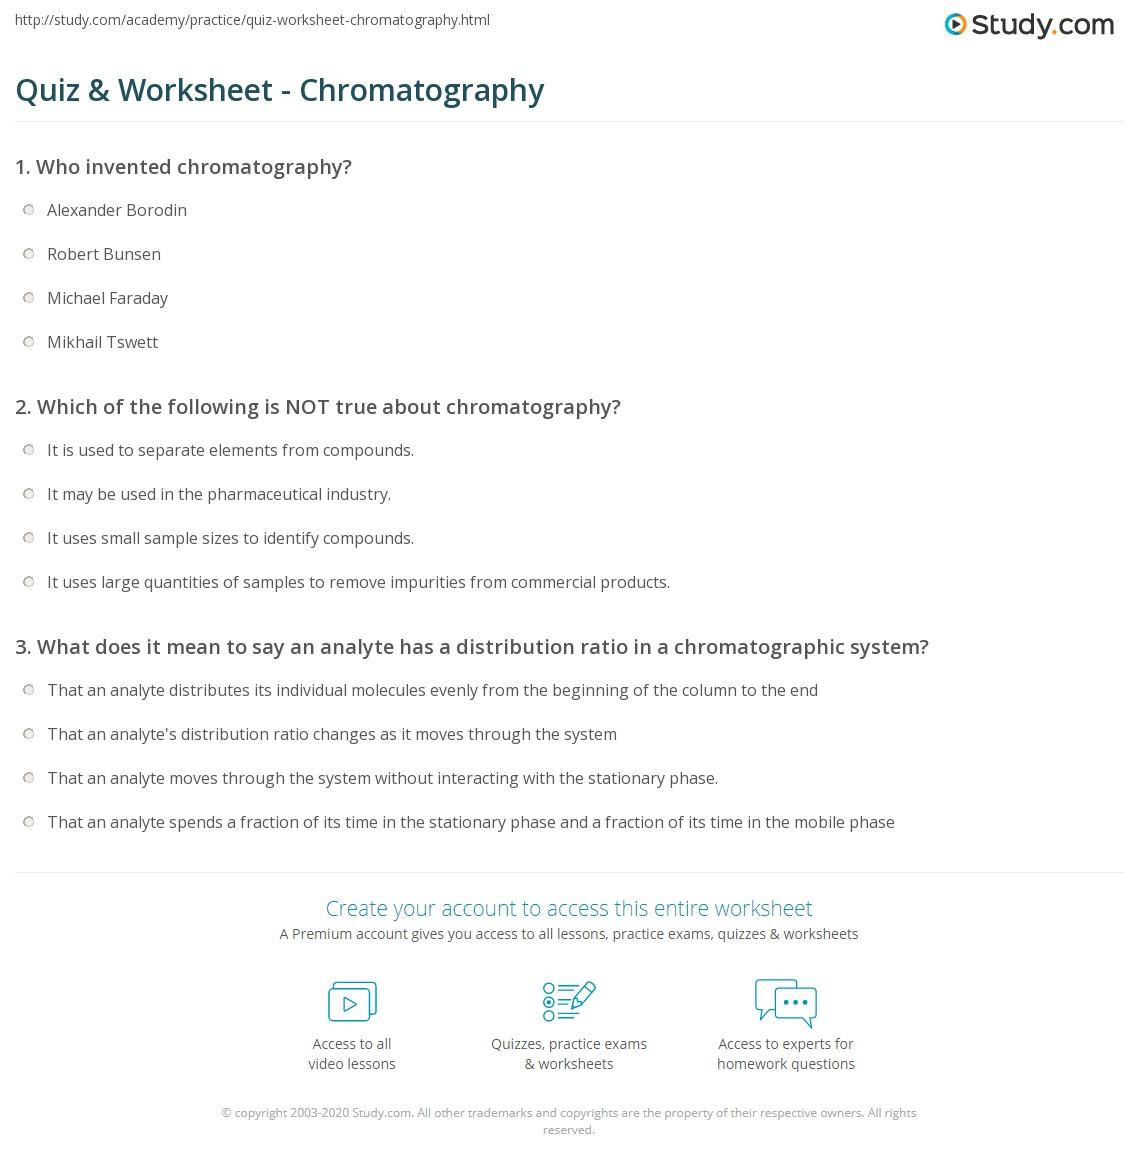 Chromatography worksheet switchconf quiz worksheet chromatography study com pooptronica